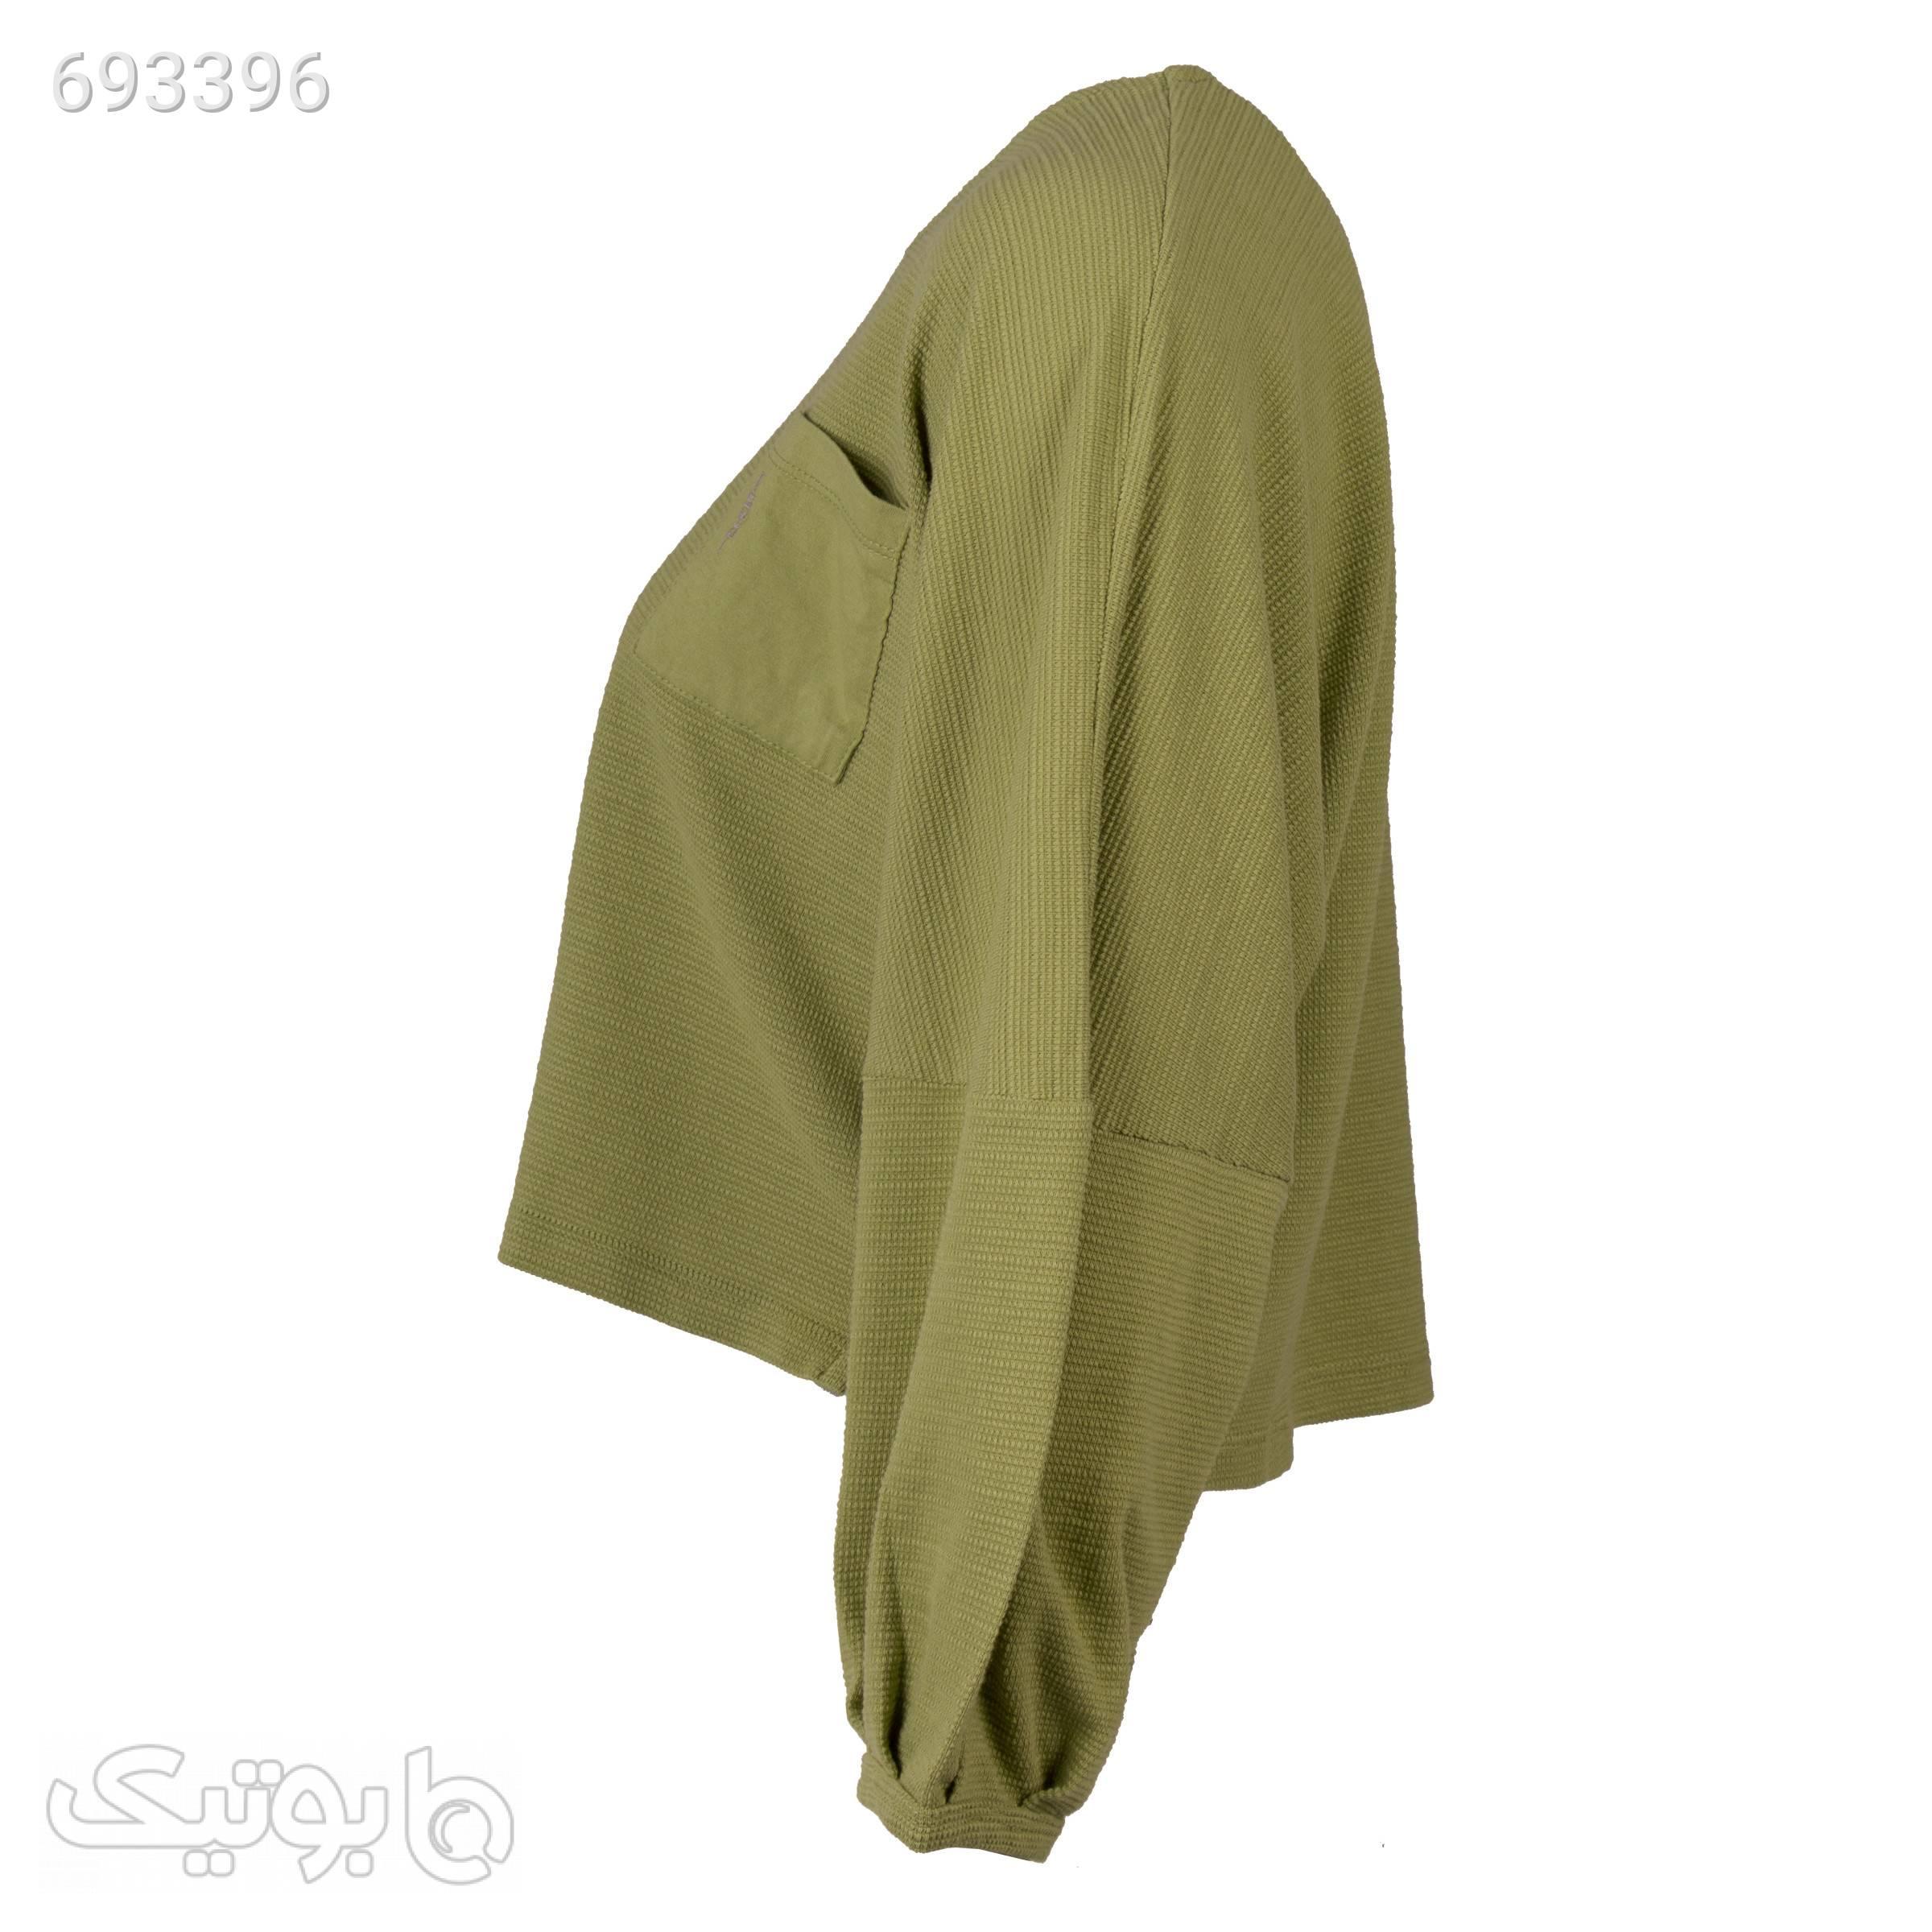 پلیور زنانه سیاوود مدل 7110414GGRE رنگ سبز طوسی پلیور و ژاکت زنانه